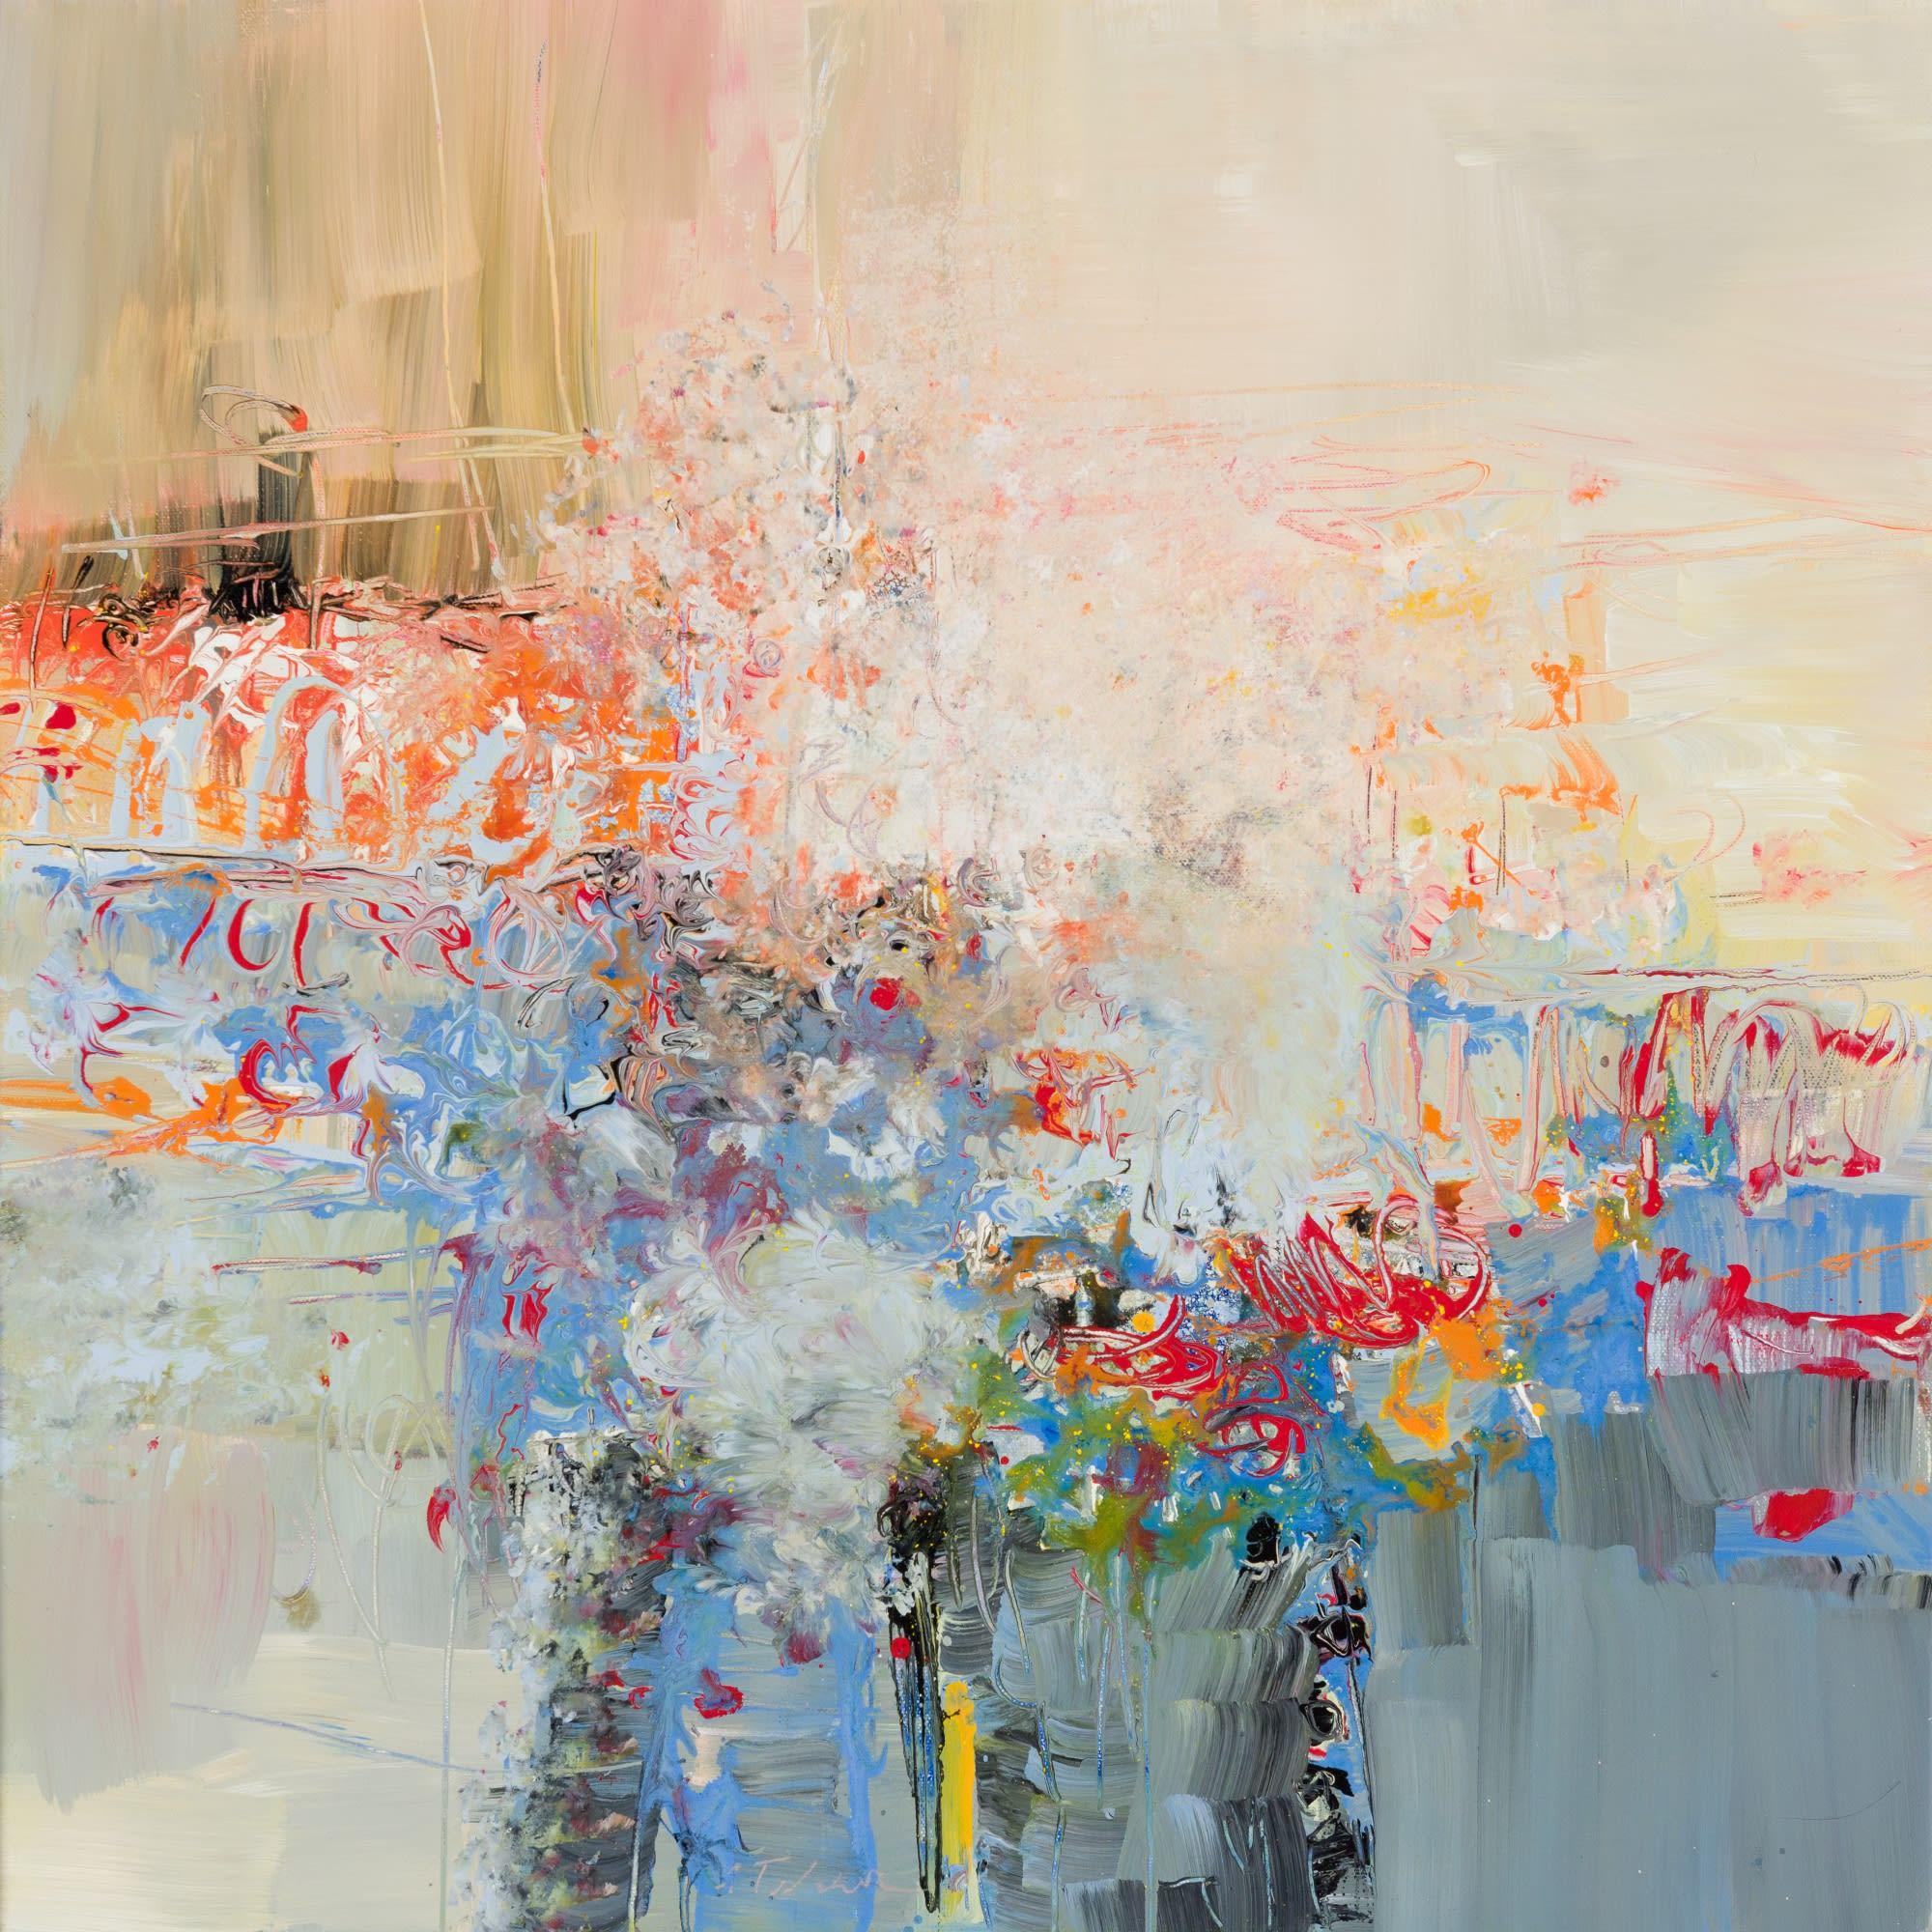 'R. Schumann, Fantasie Stucke No 8' by Ernestine Tahedl at Gallery 133